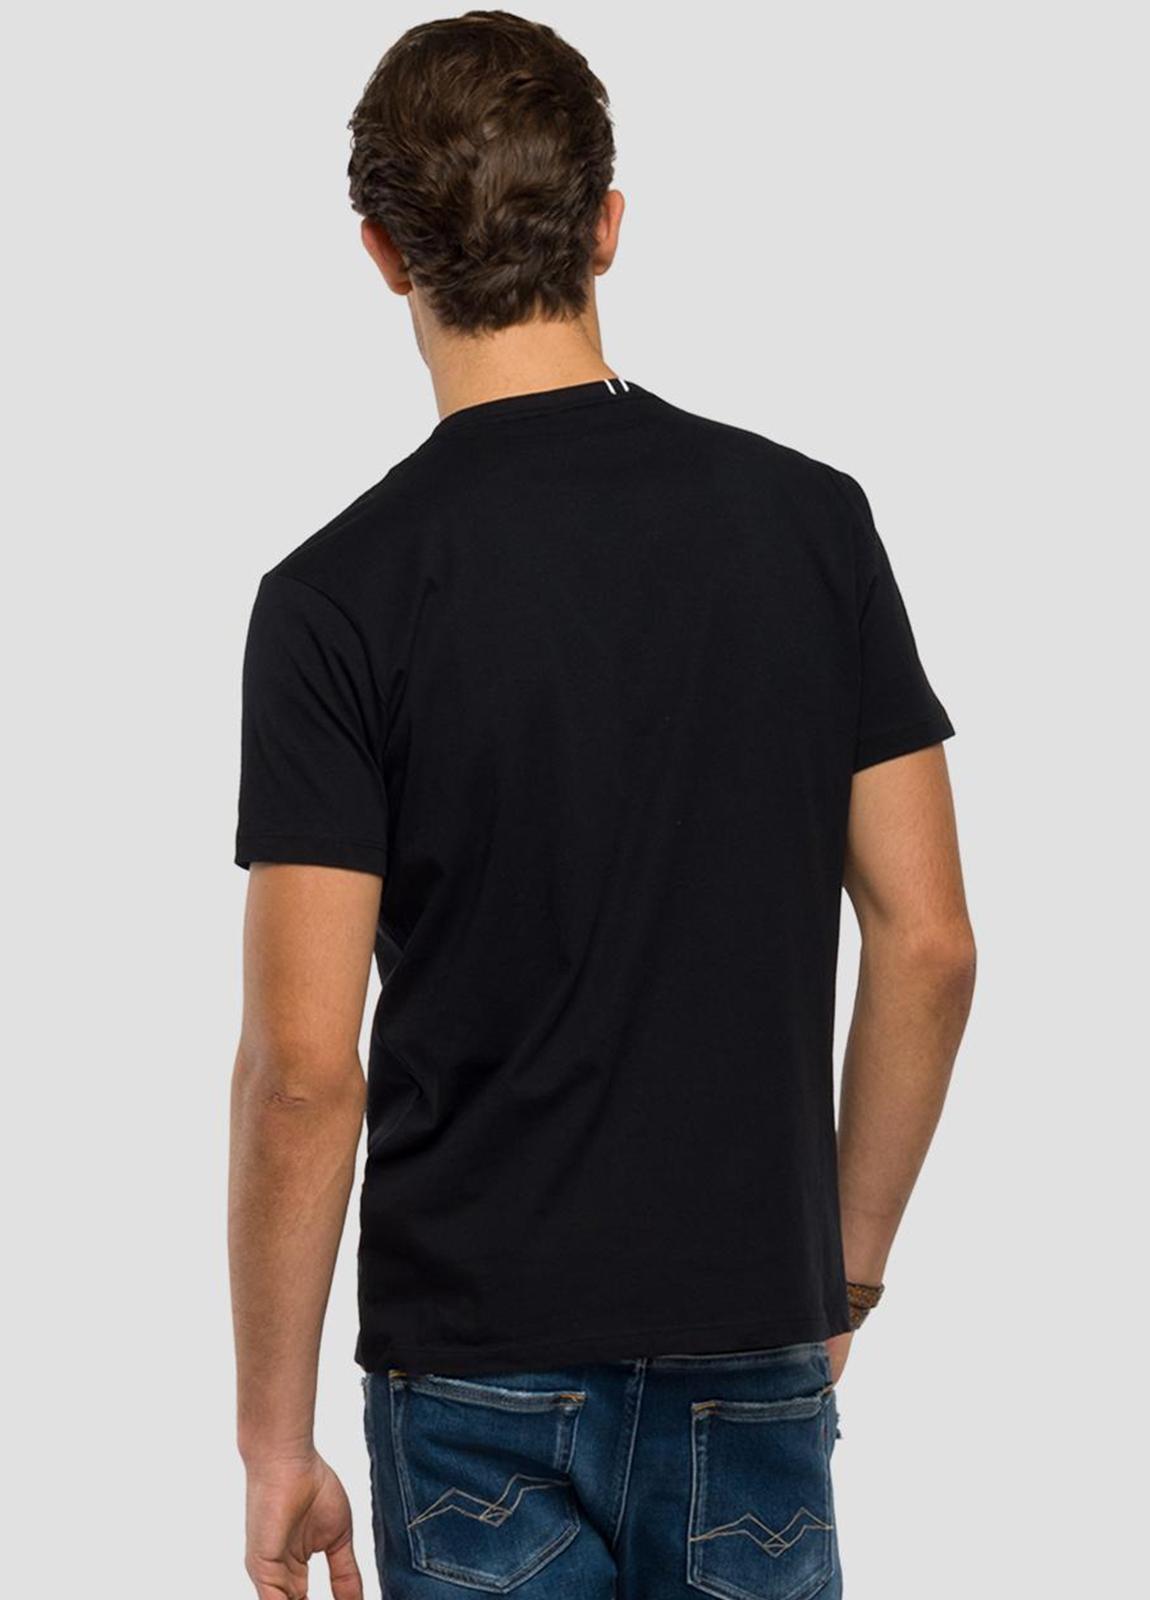 Camiseta manga corta color negro con estampado de cascos.100% Algodón. - Ítem3